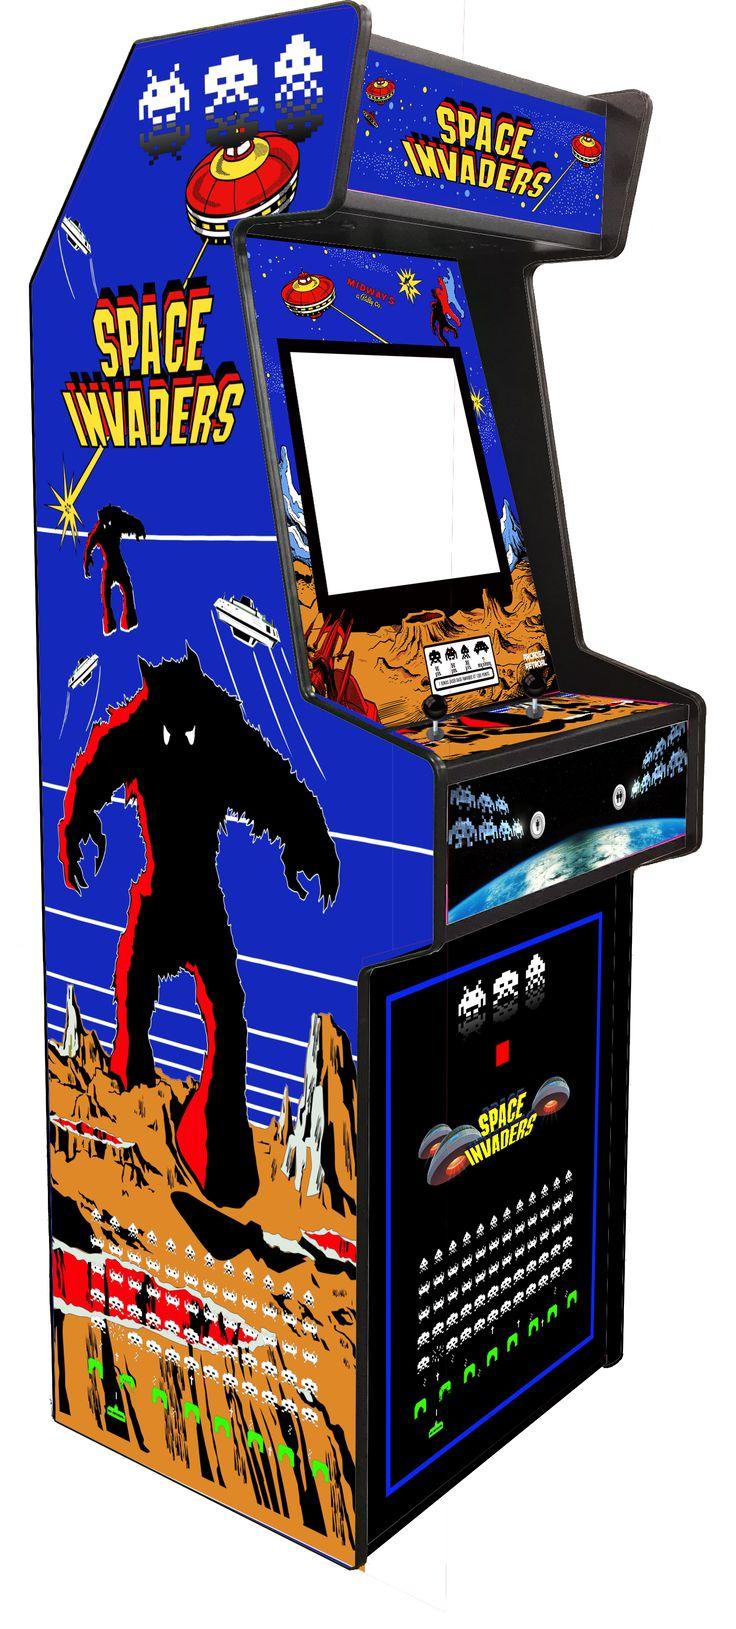 Arcade RetroOne edición Space Invaders Videojuegos